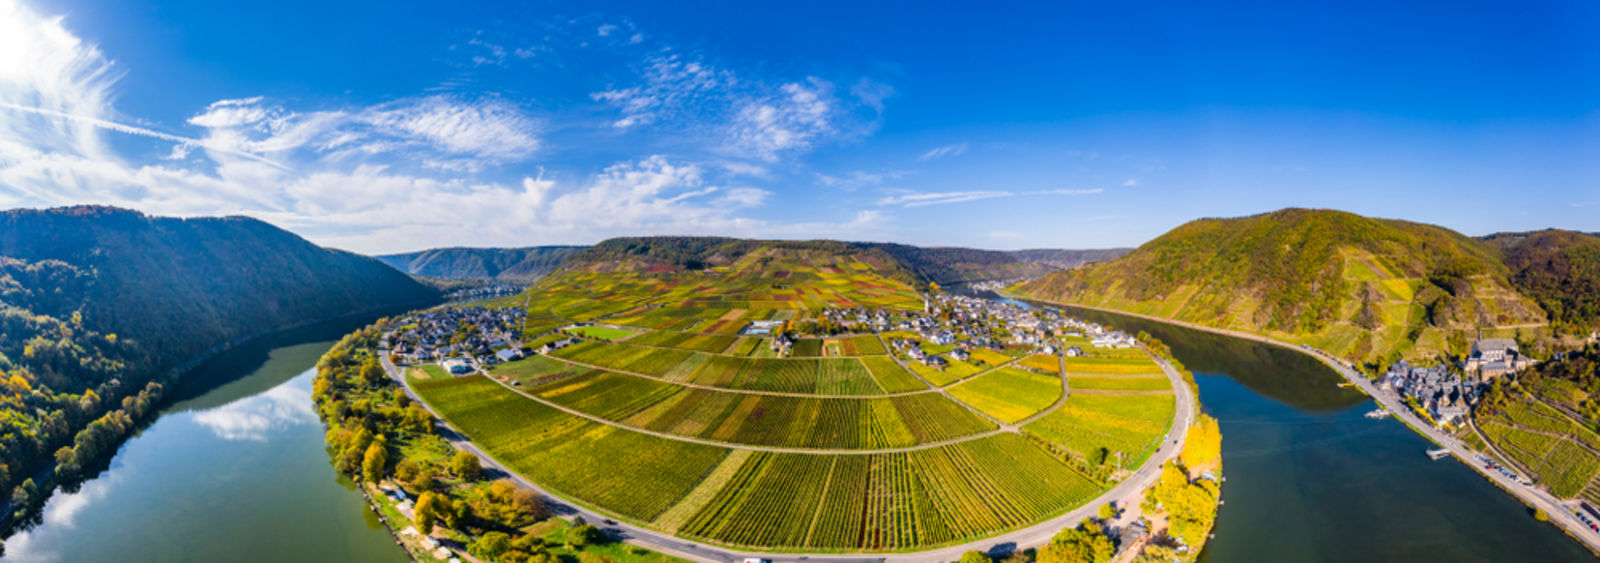 Rheinland-Pfalz, Mosel, Weinberge